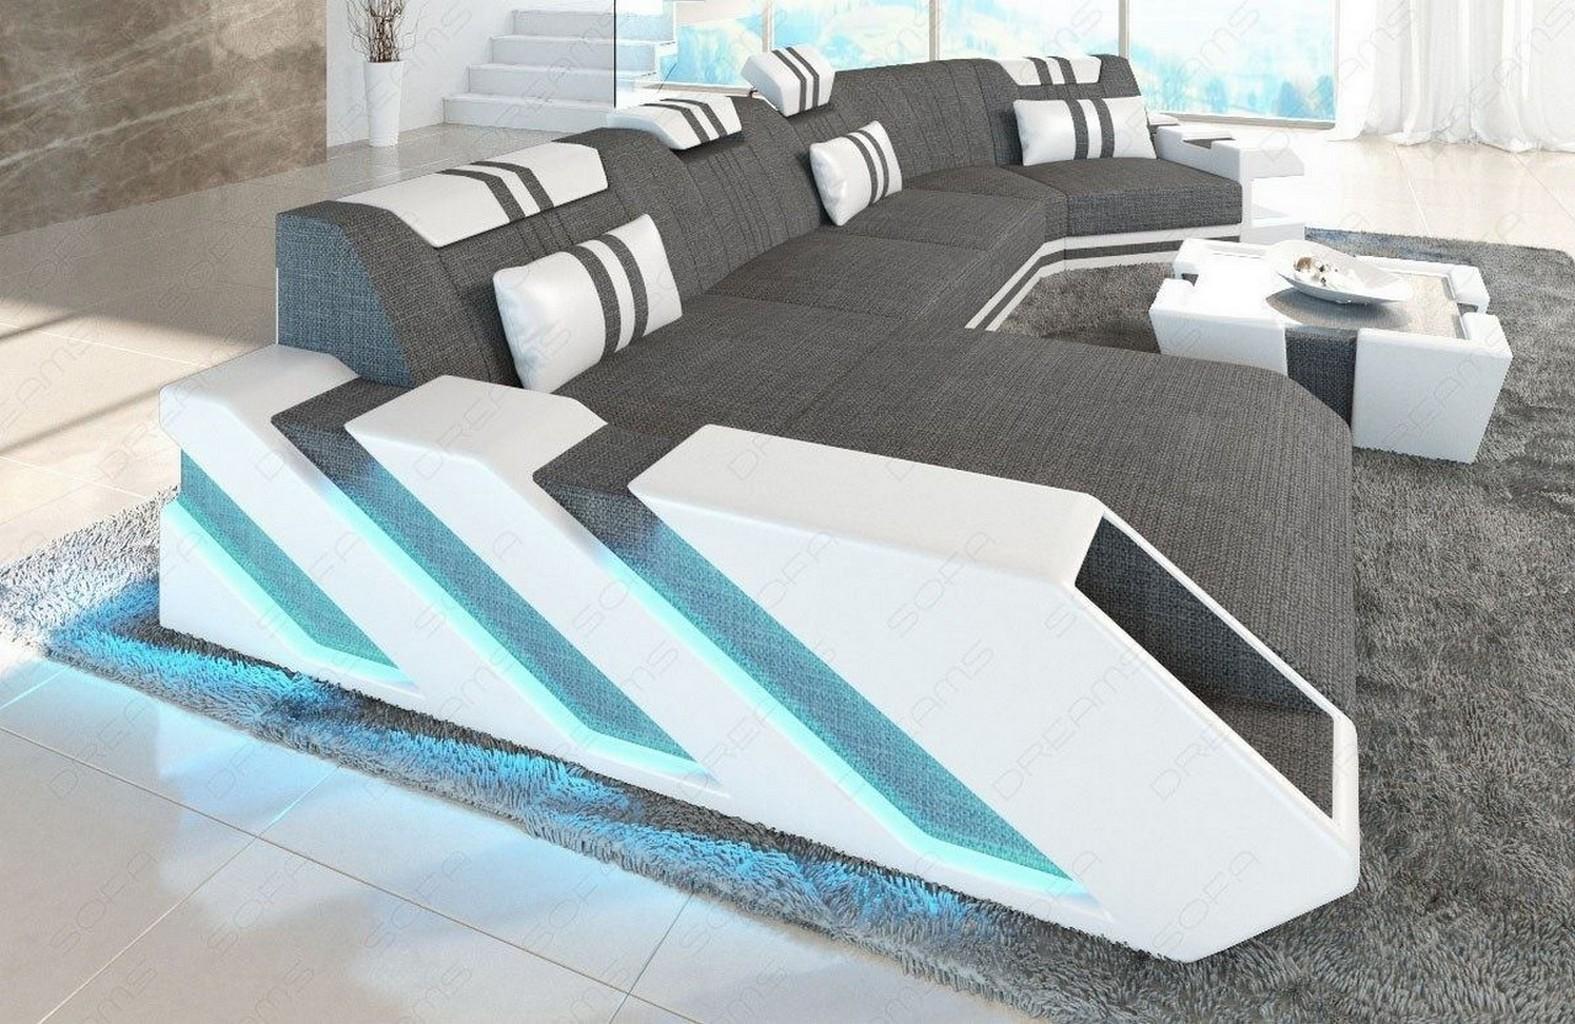 designer living landscape big fabric leather luxury sofa. Black Bedroom Furniture Sets. Home Design Ideas